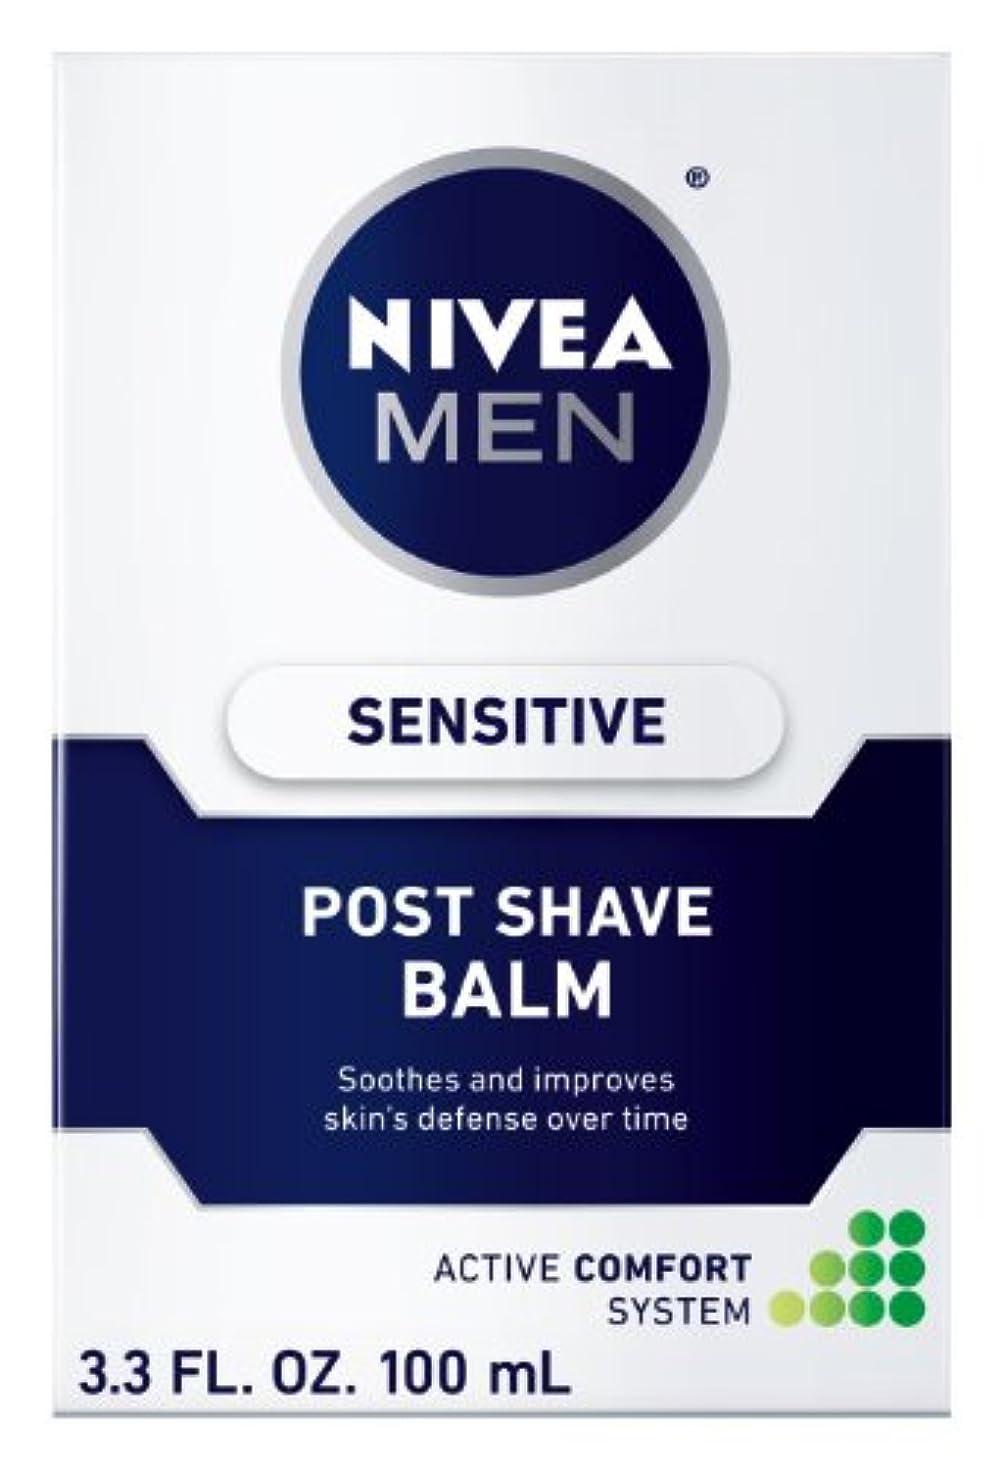 指ネックレット要塞【海外直送】 男性用ニベア 敏感肌用 アフターシェーブバーム(100ml) Nivea for Men Sensitive Post Shave Balm (3.3oz)